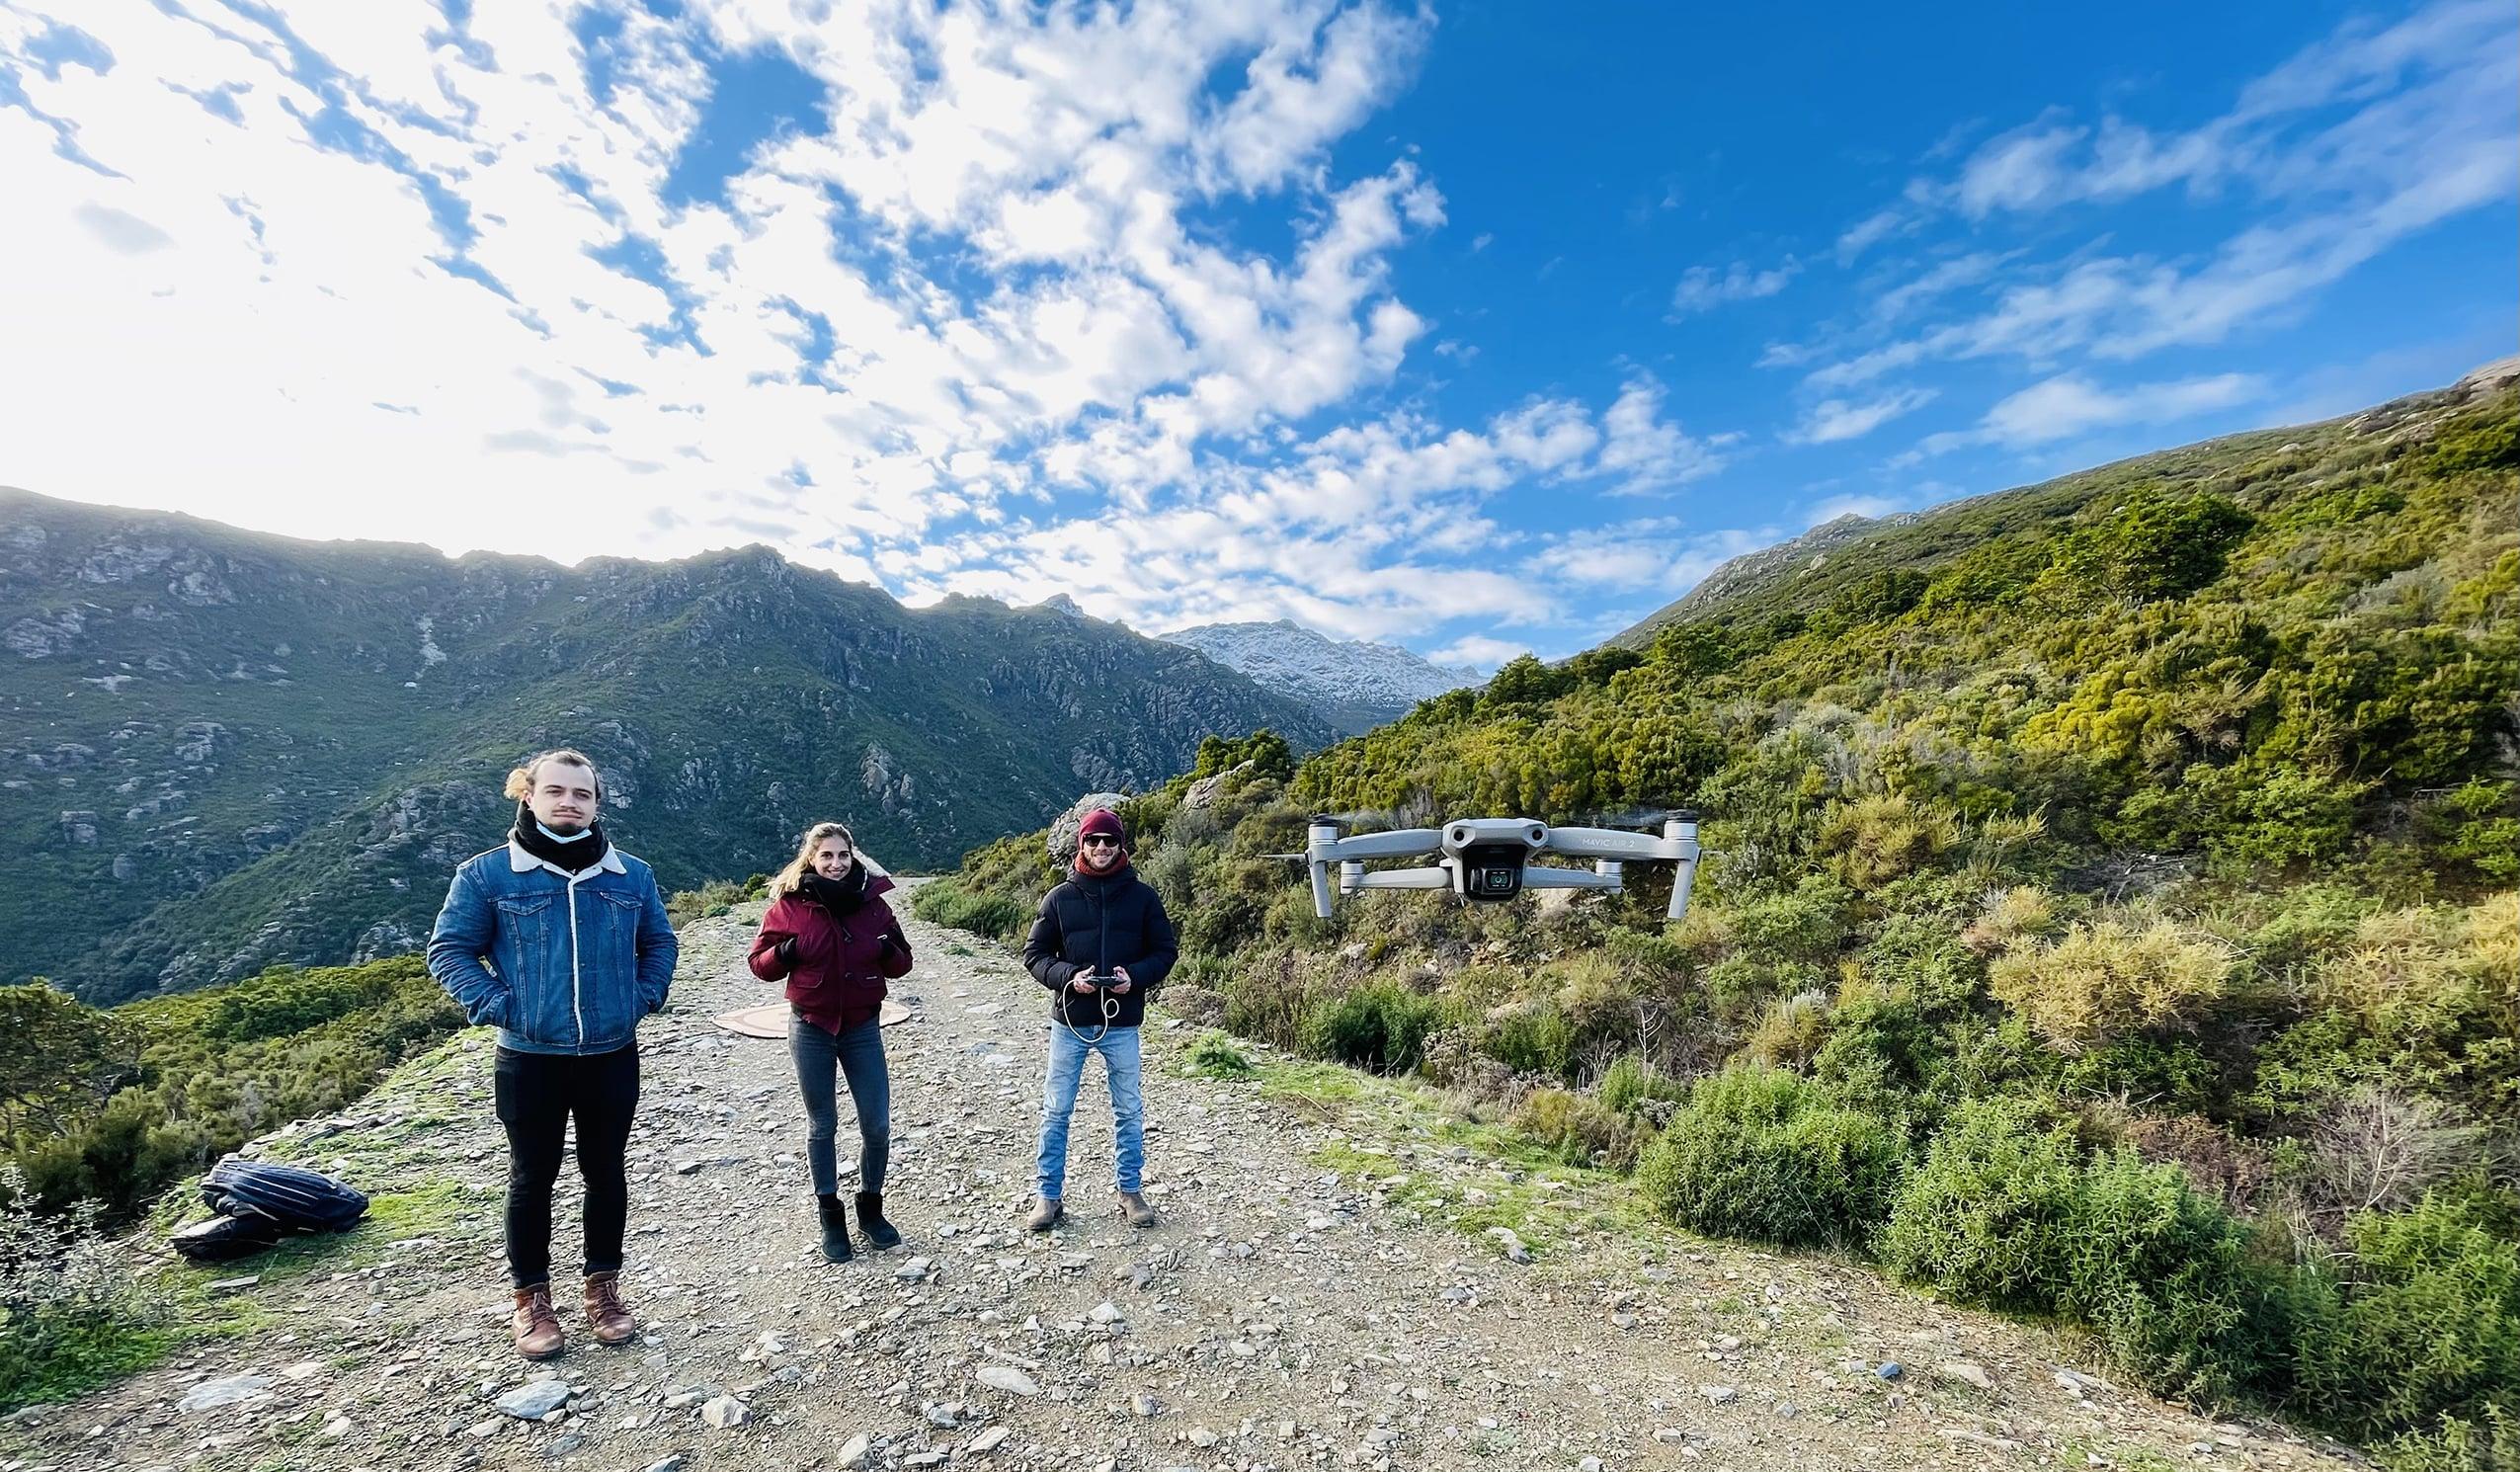 formation drone dans un cadre merveilleux en Haute Corse